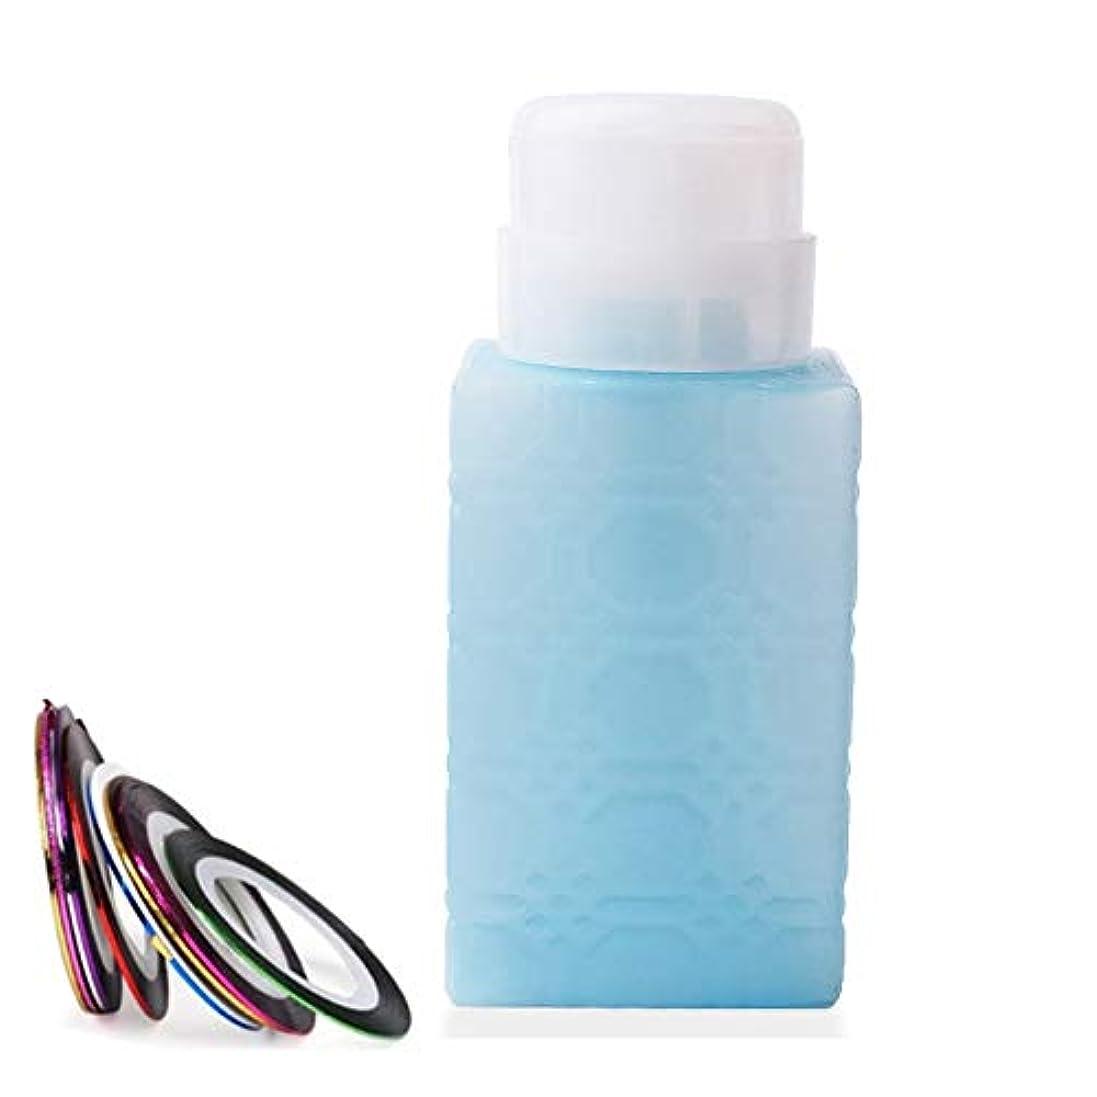 財団考えるワゴン空ポンプボトル ポンプディスペンサー ネイルワイプ瓶 ジュルクリーナー ジュルリムーバー 可愛い (ブルー)